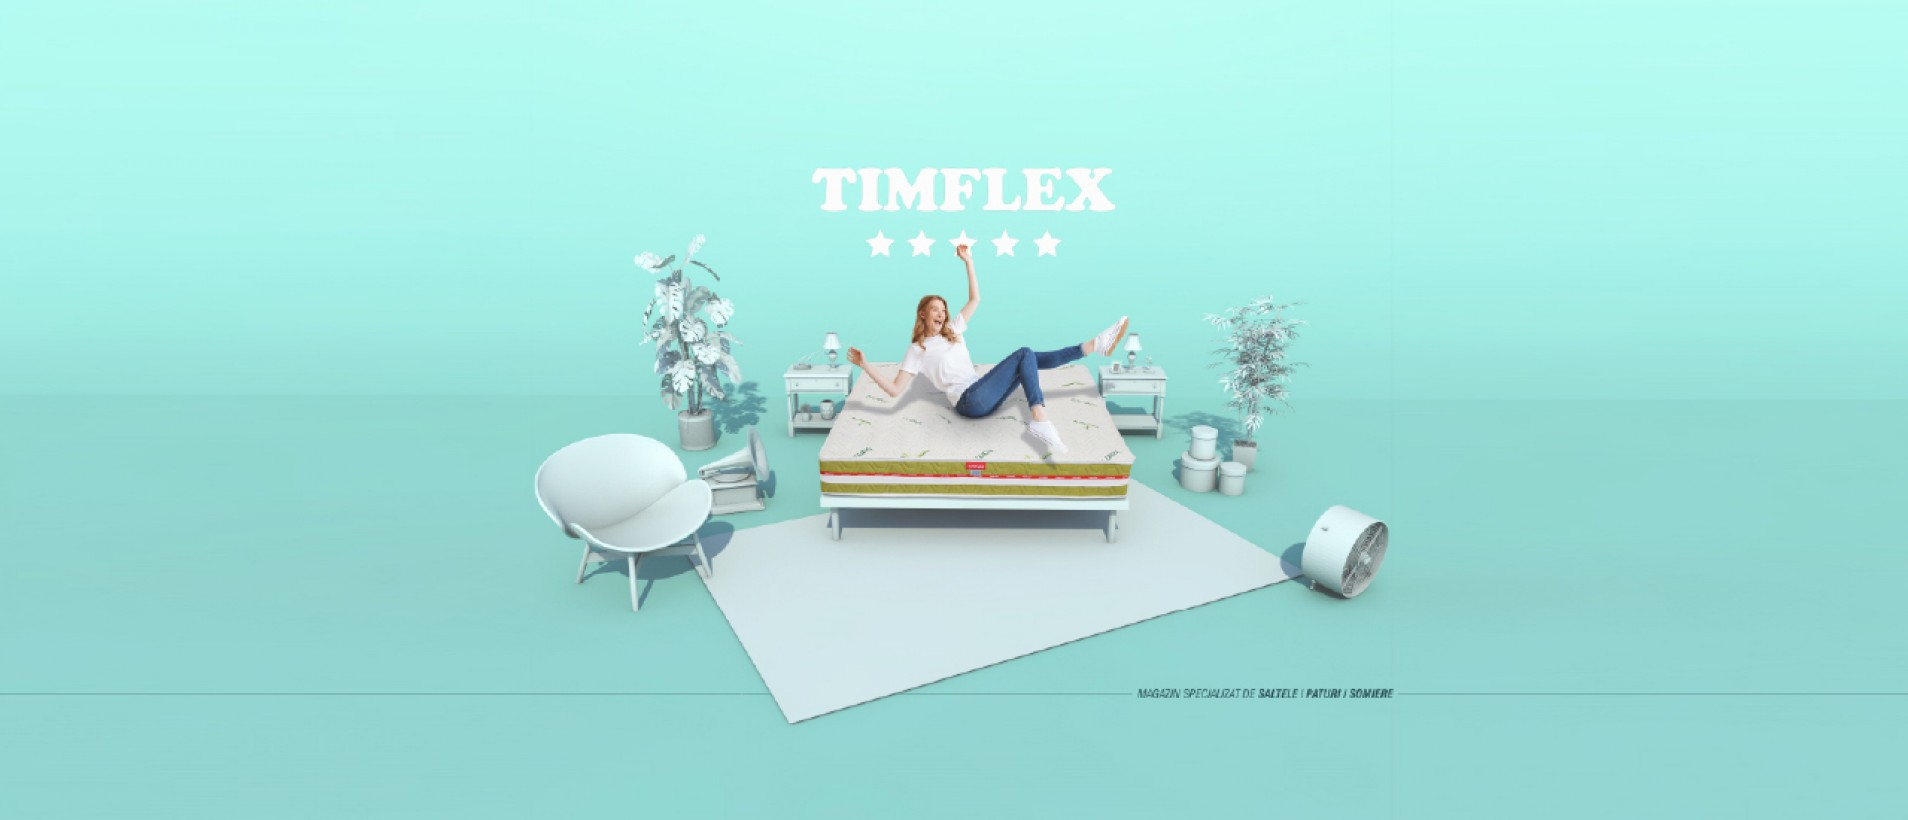 Timflex - producator, paturi, saltele, somiere